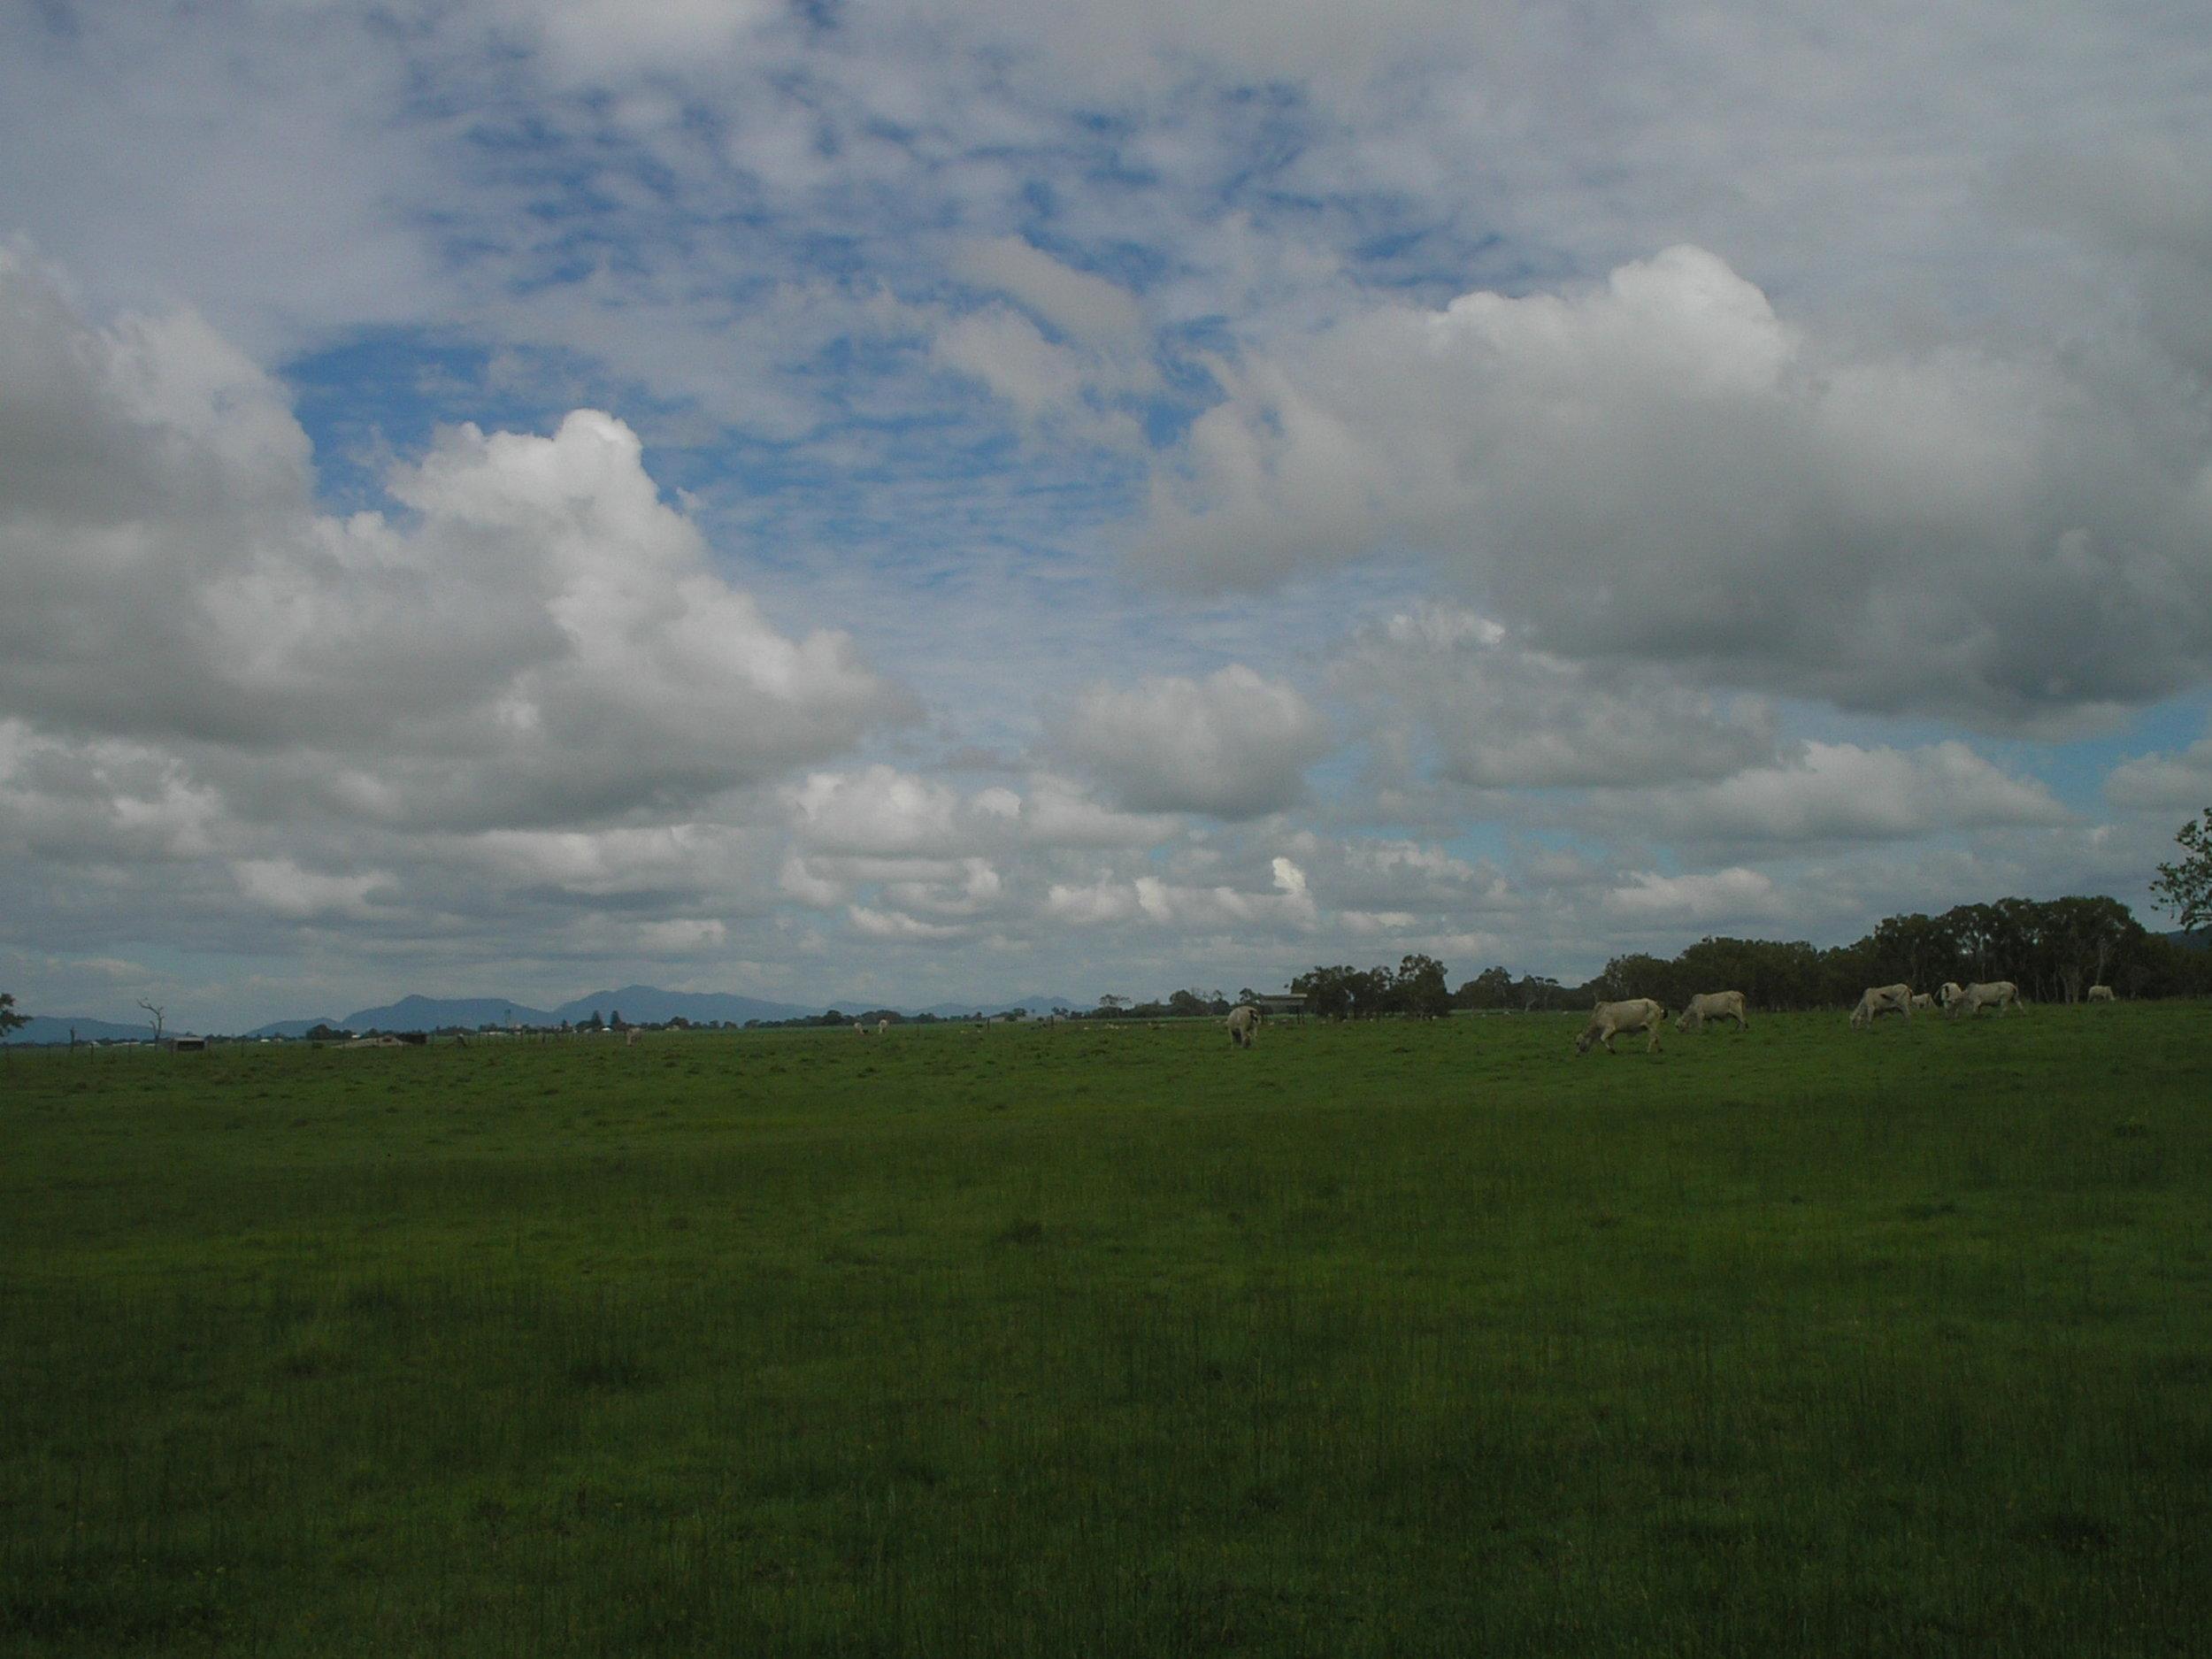 proserpine cows.JPG